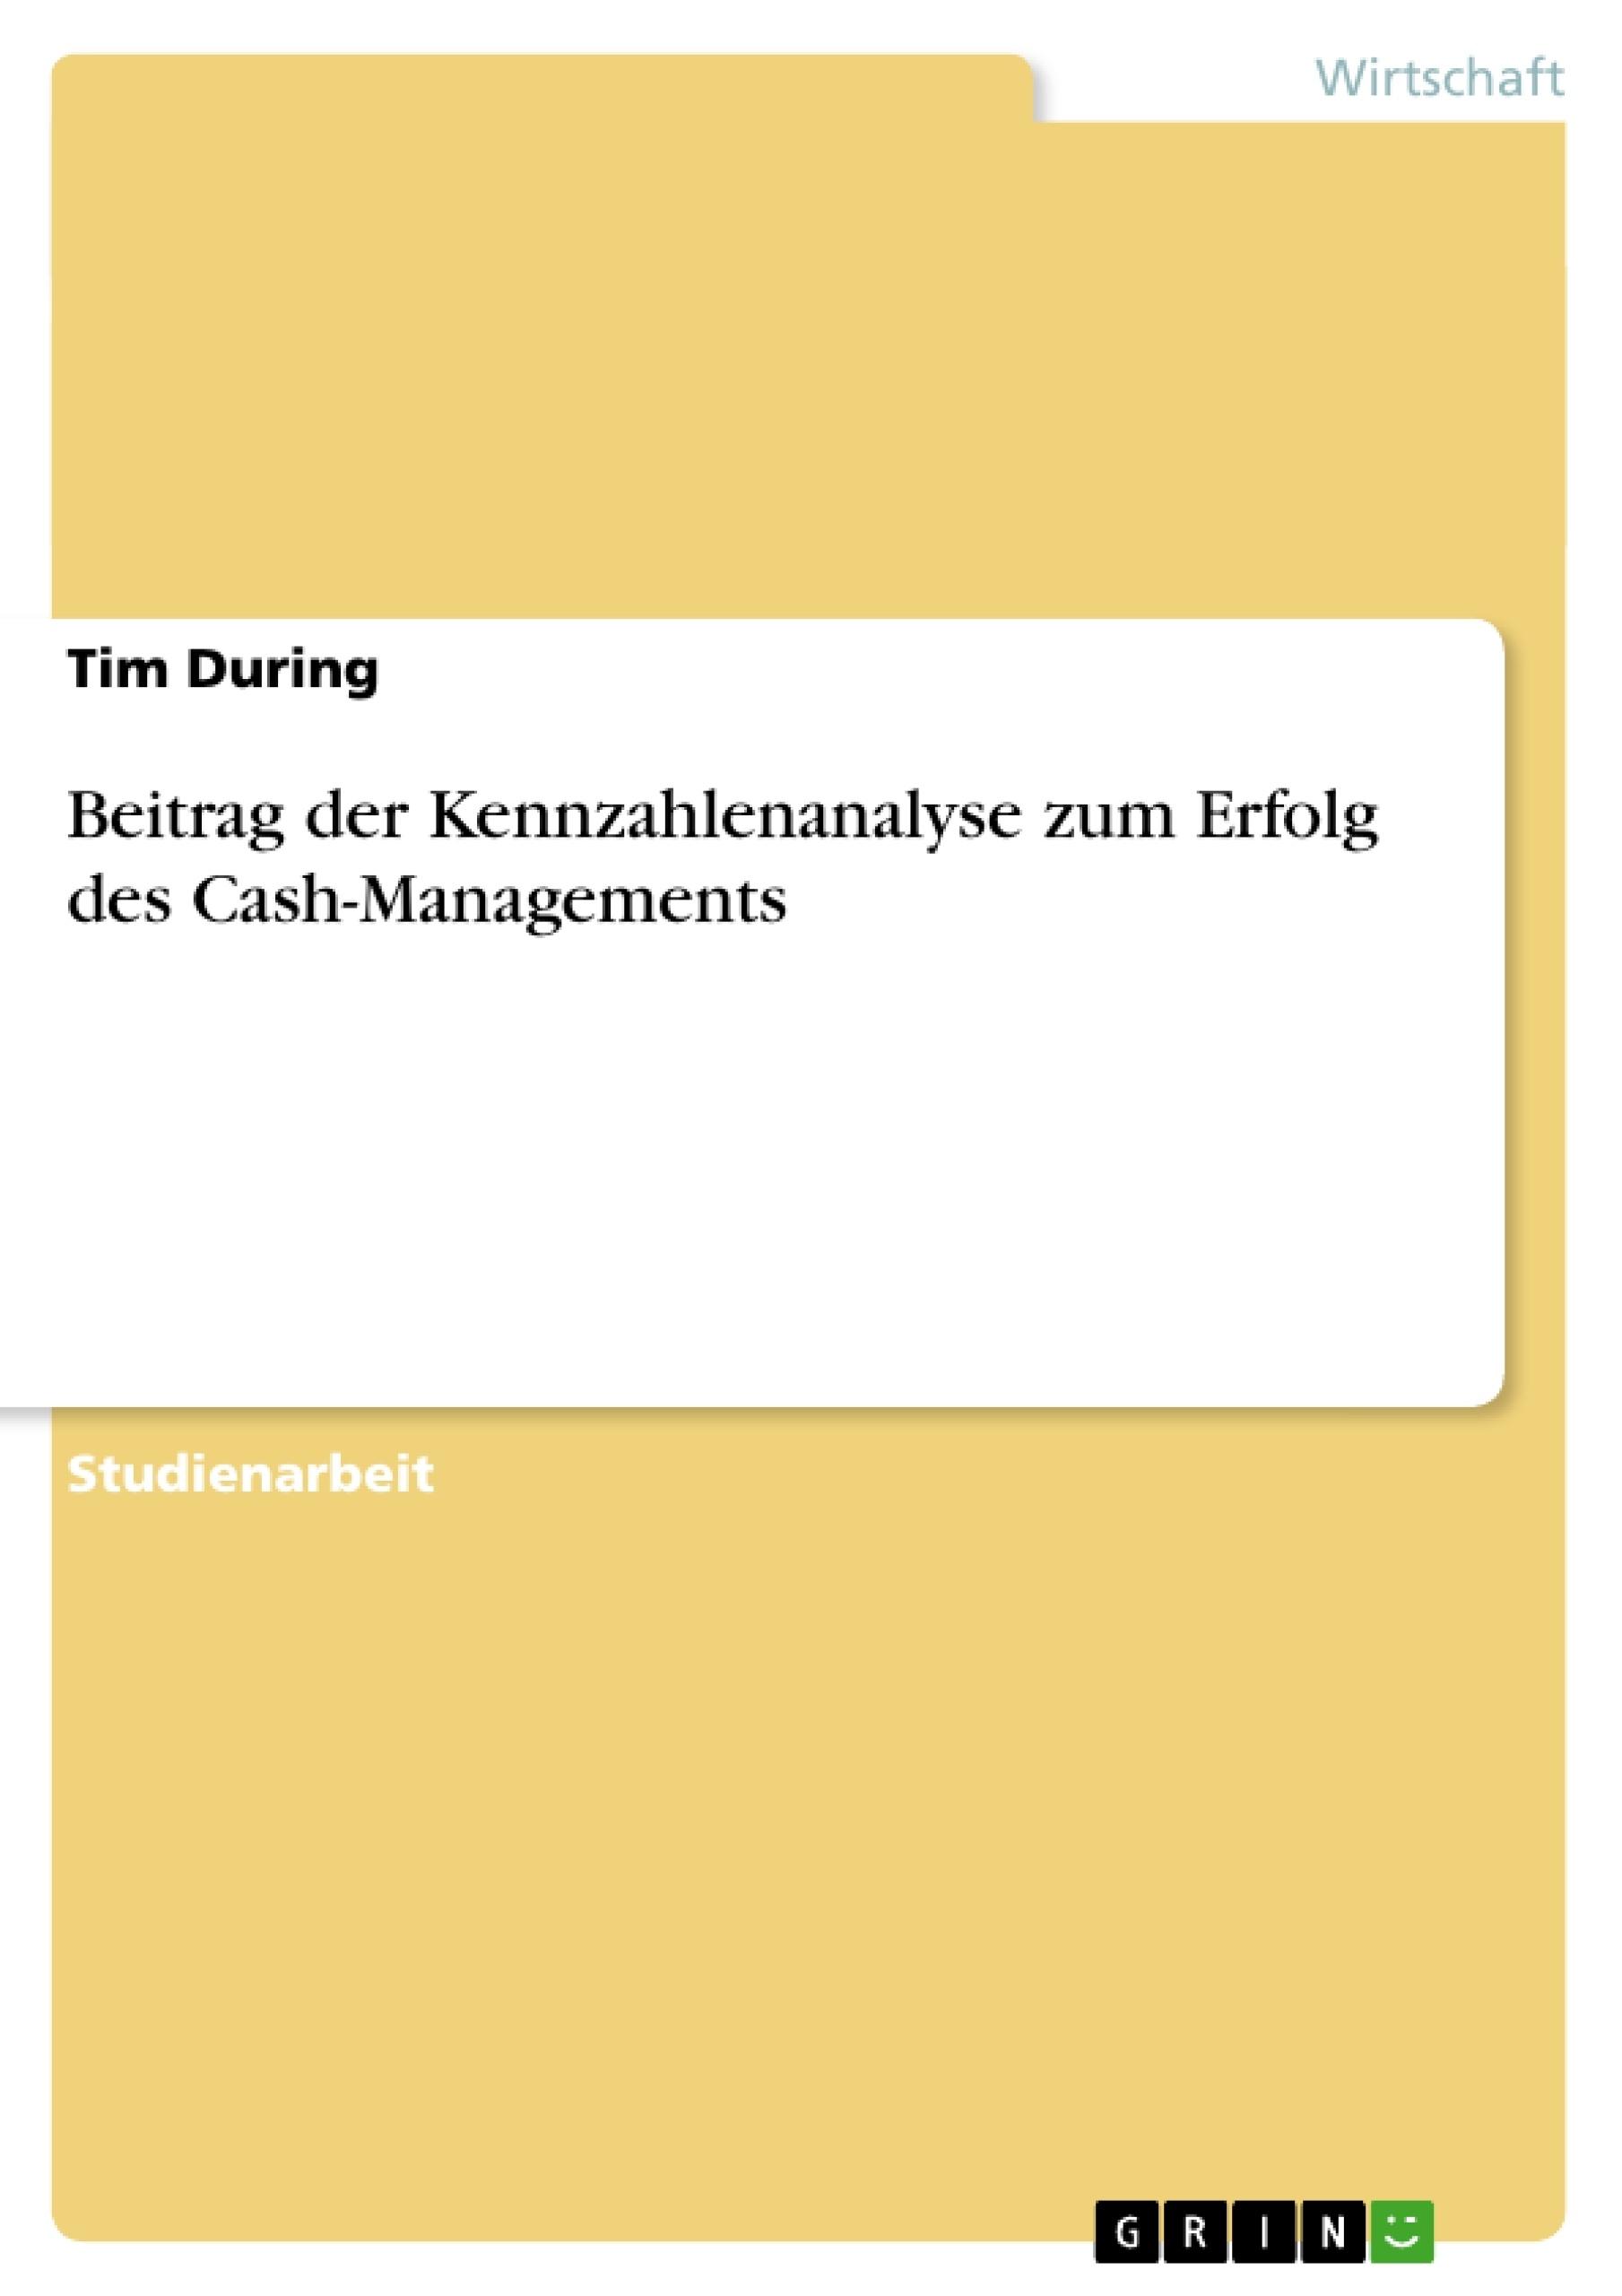 Titel: Beitrag der Kennzahlenanalyse zum Erfolg des Cash-Managements